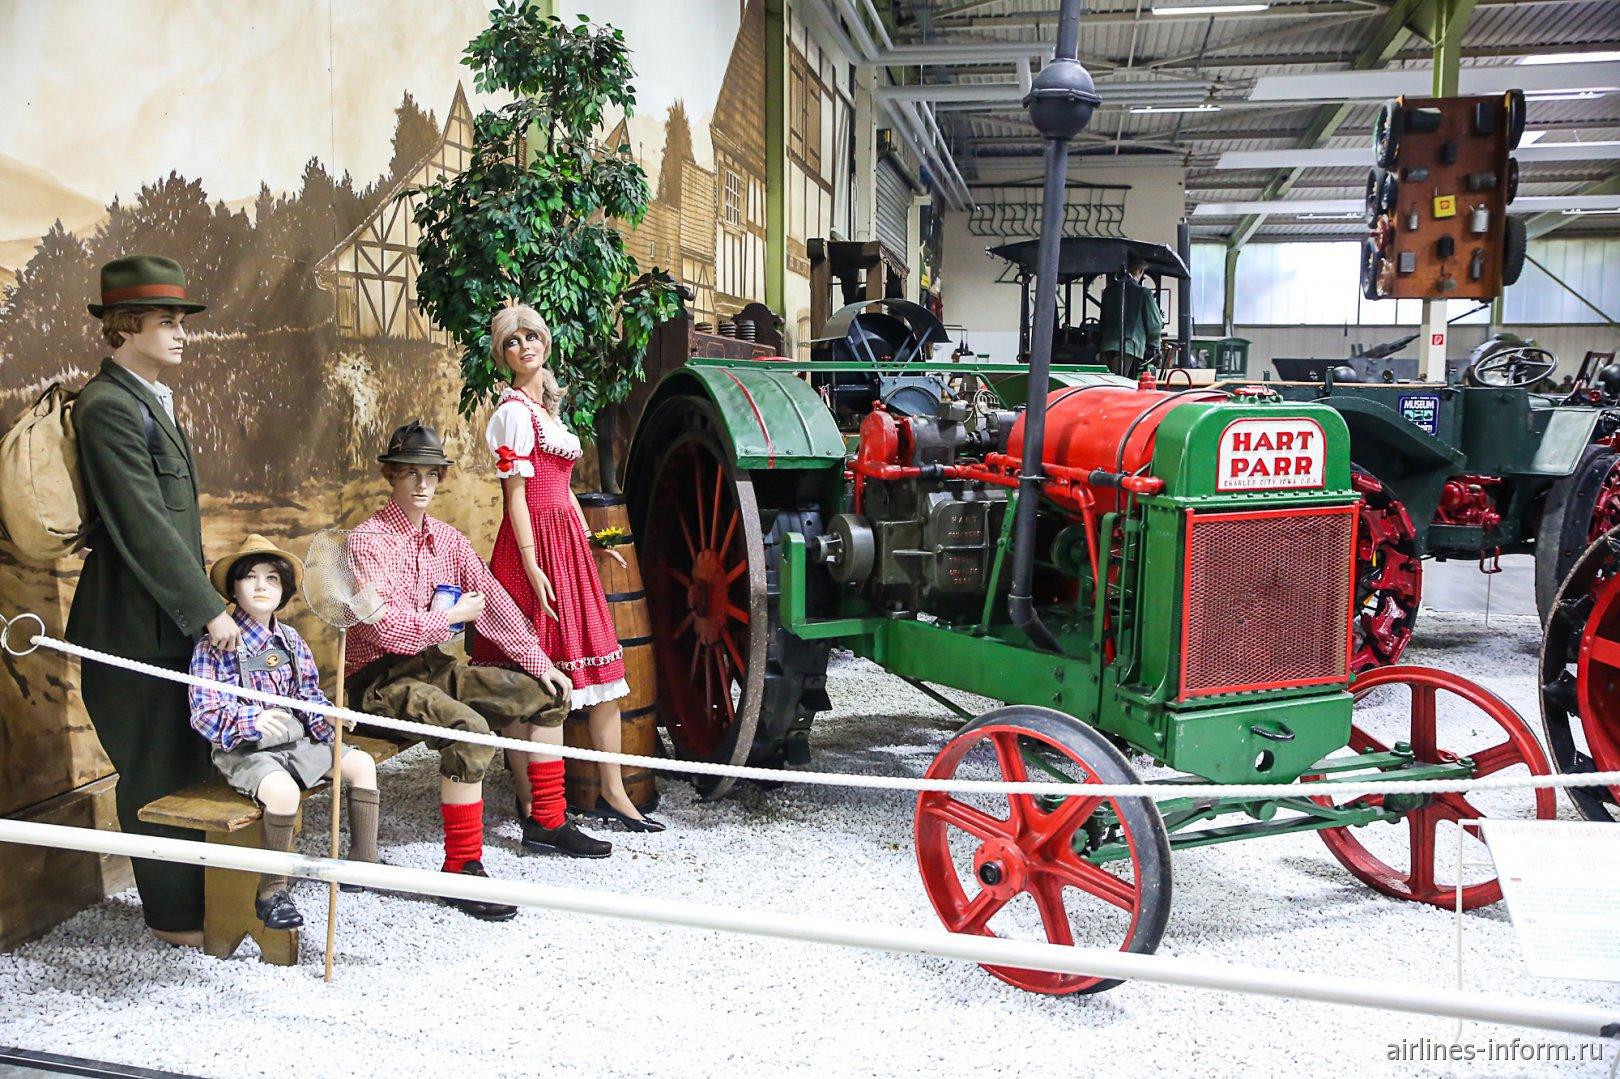 Немецкие фермеры и трактор в музее техники в Зинсхайме